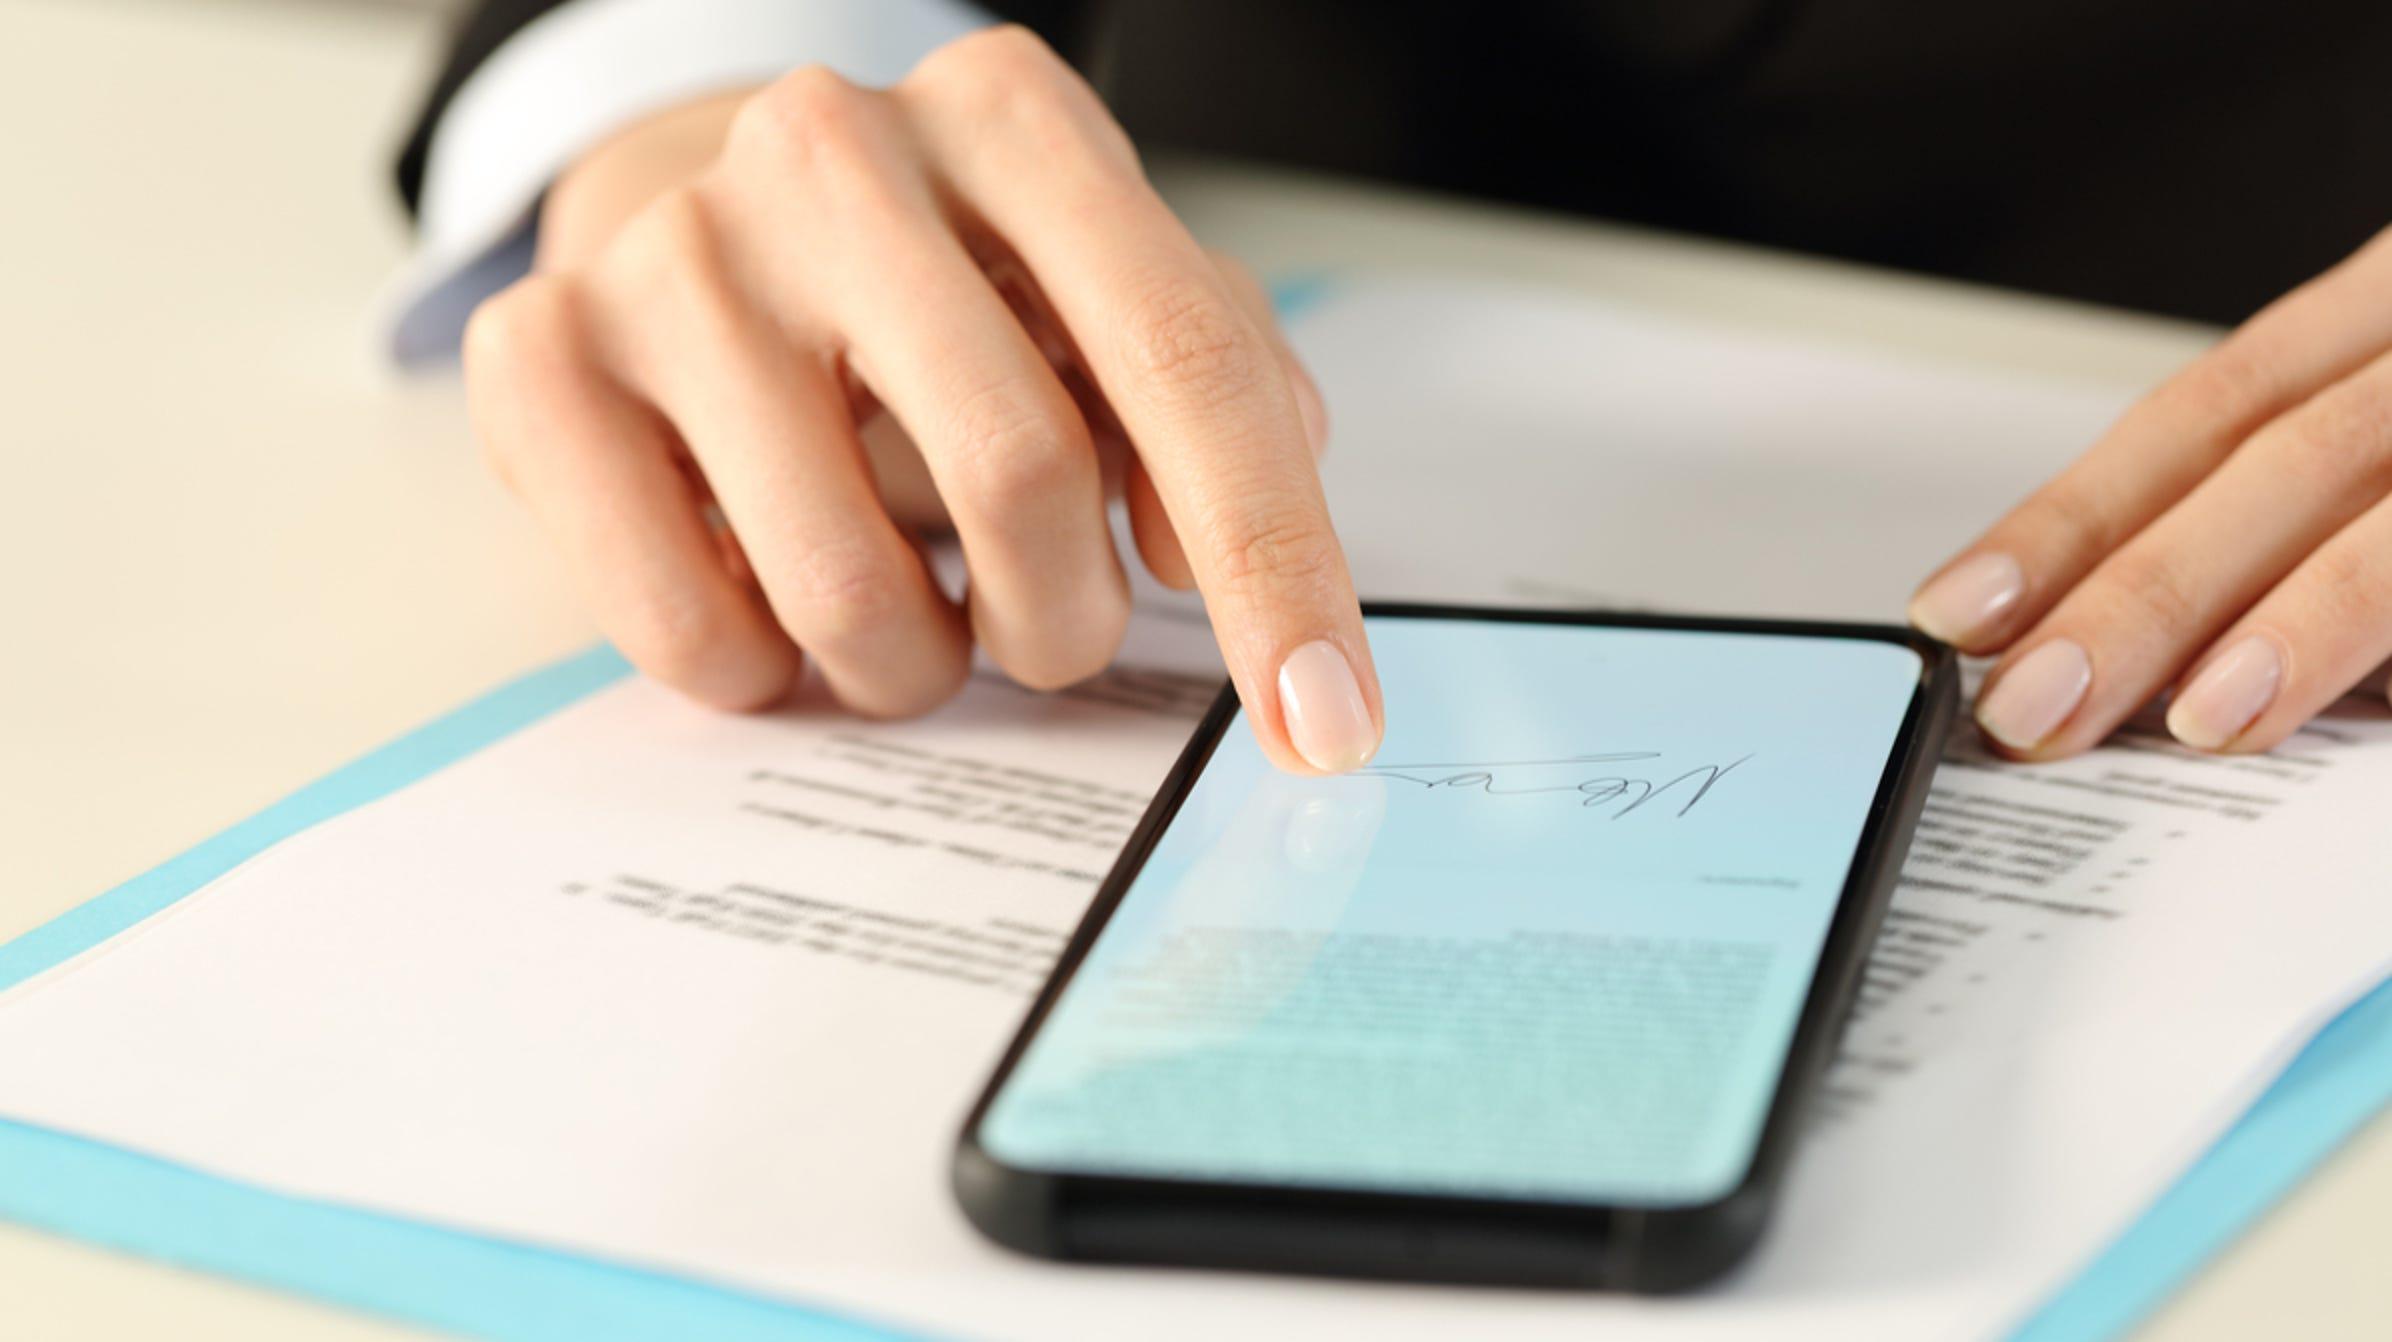 So signieren Sie PDF-Dokumente elektronisch, ohne sie zu drucken und zu scannen